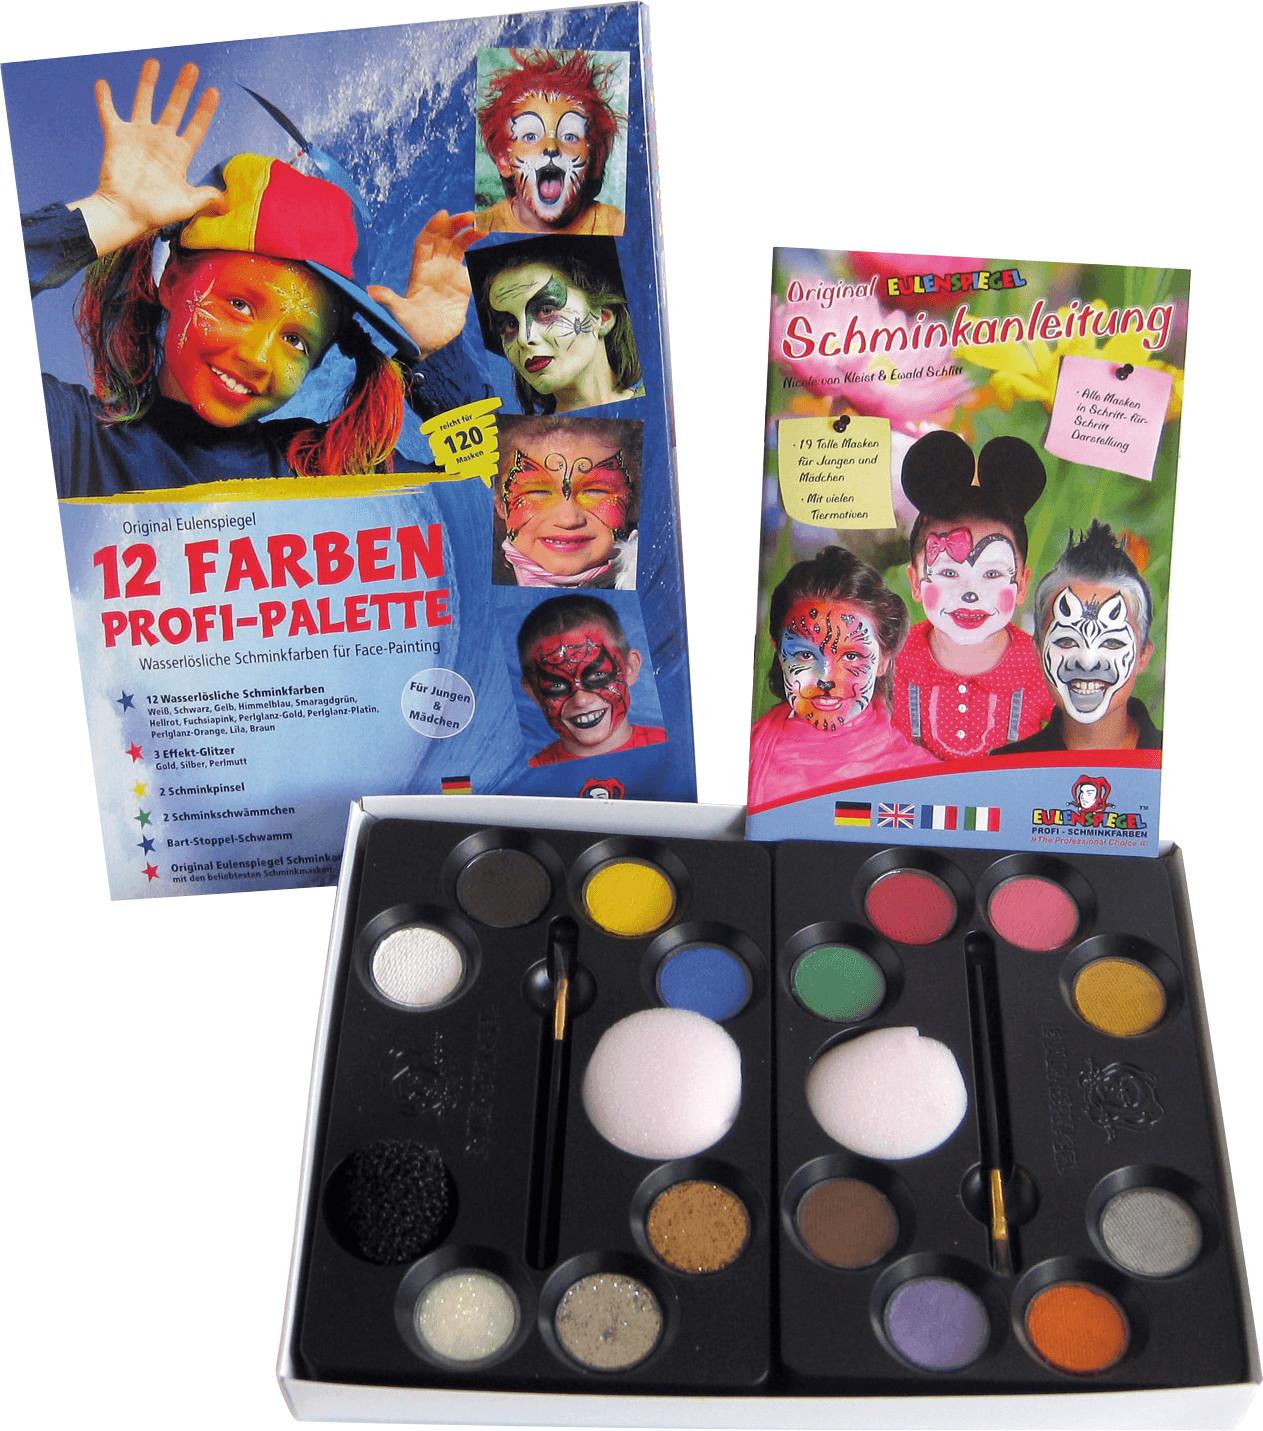 Eulenspiegel 12 Farben Profi-Palette (212011)